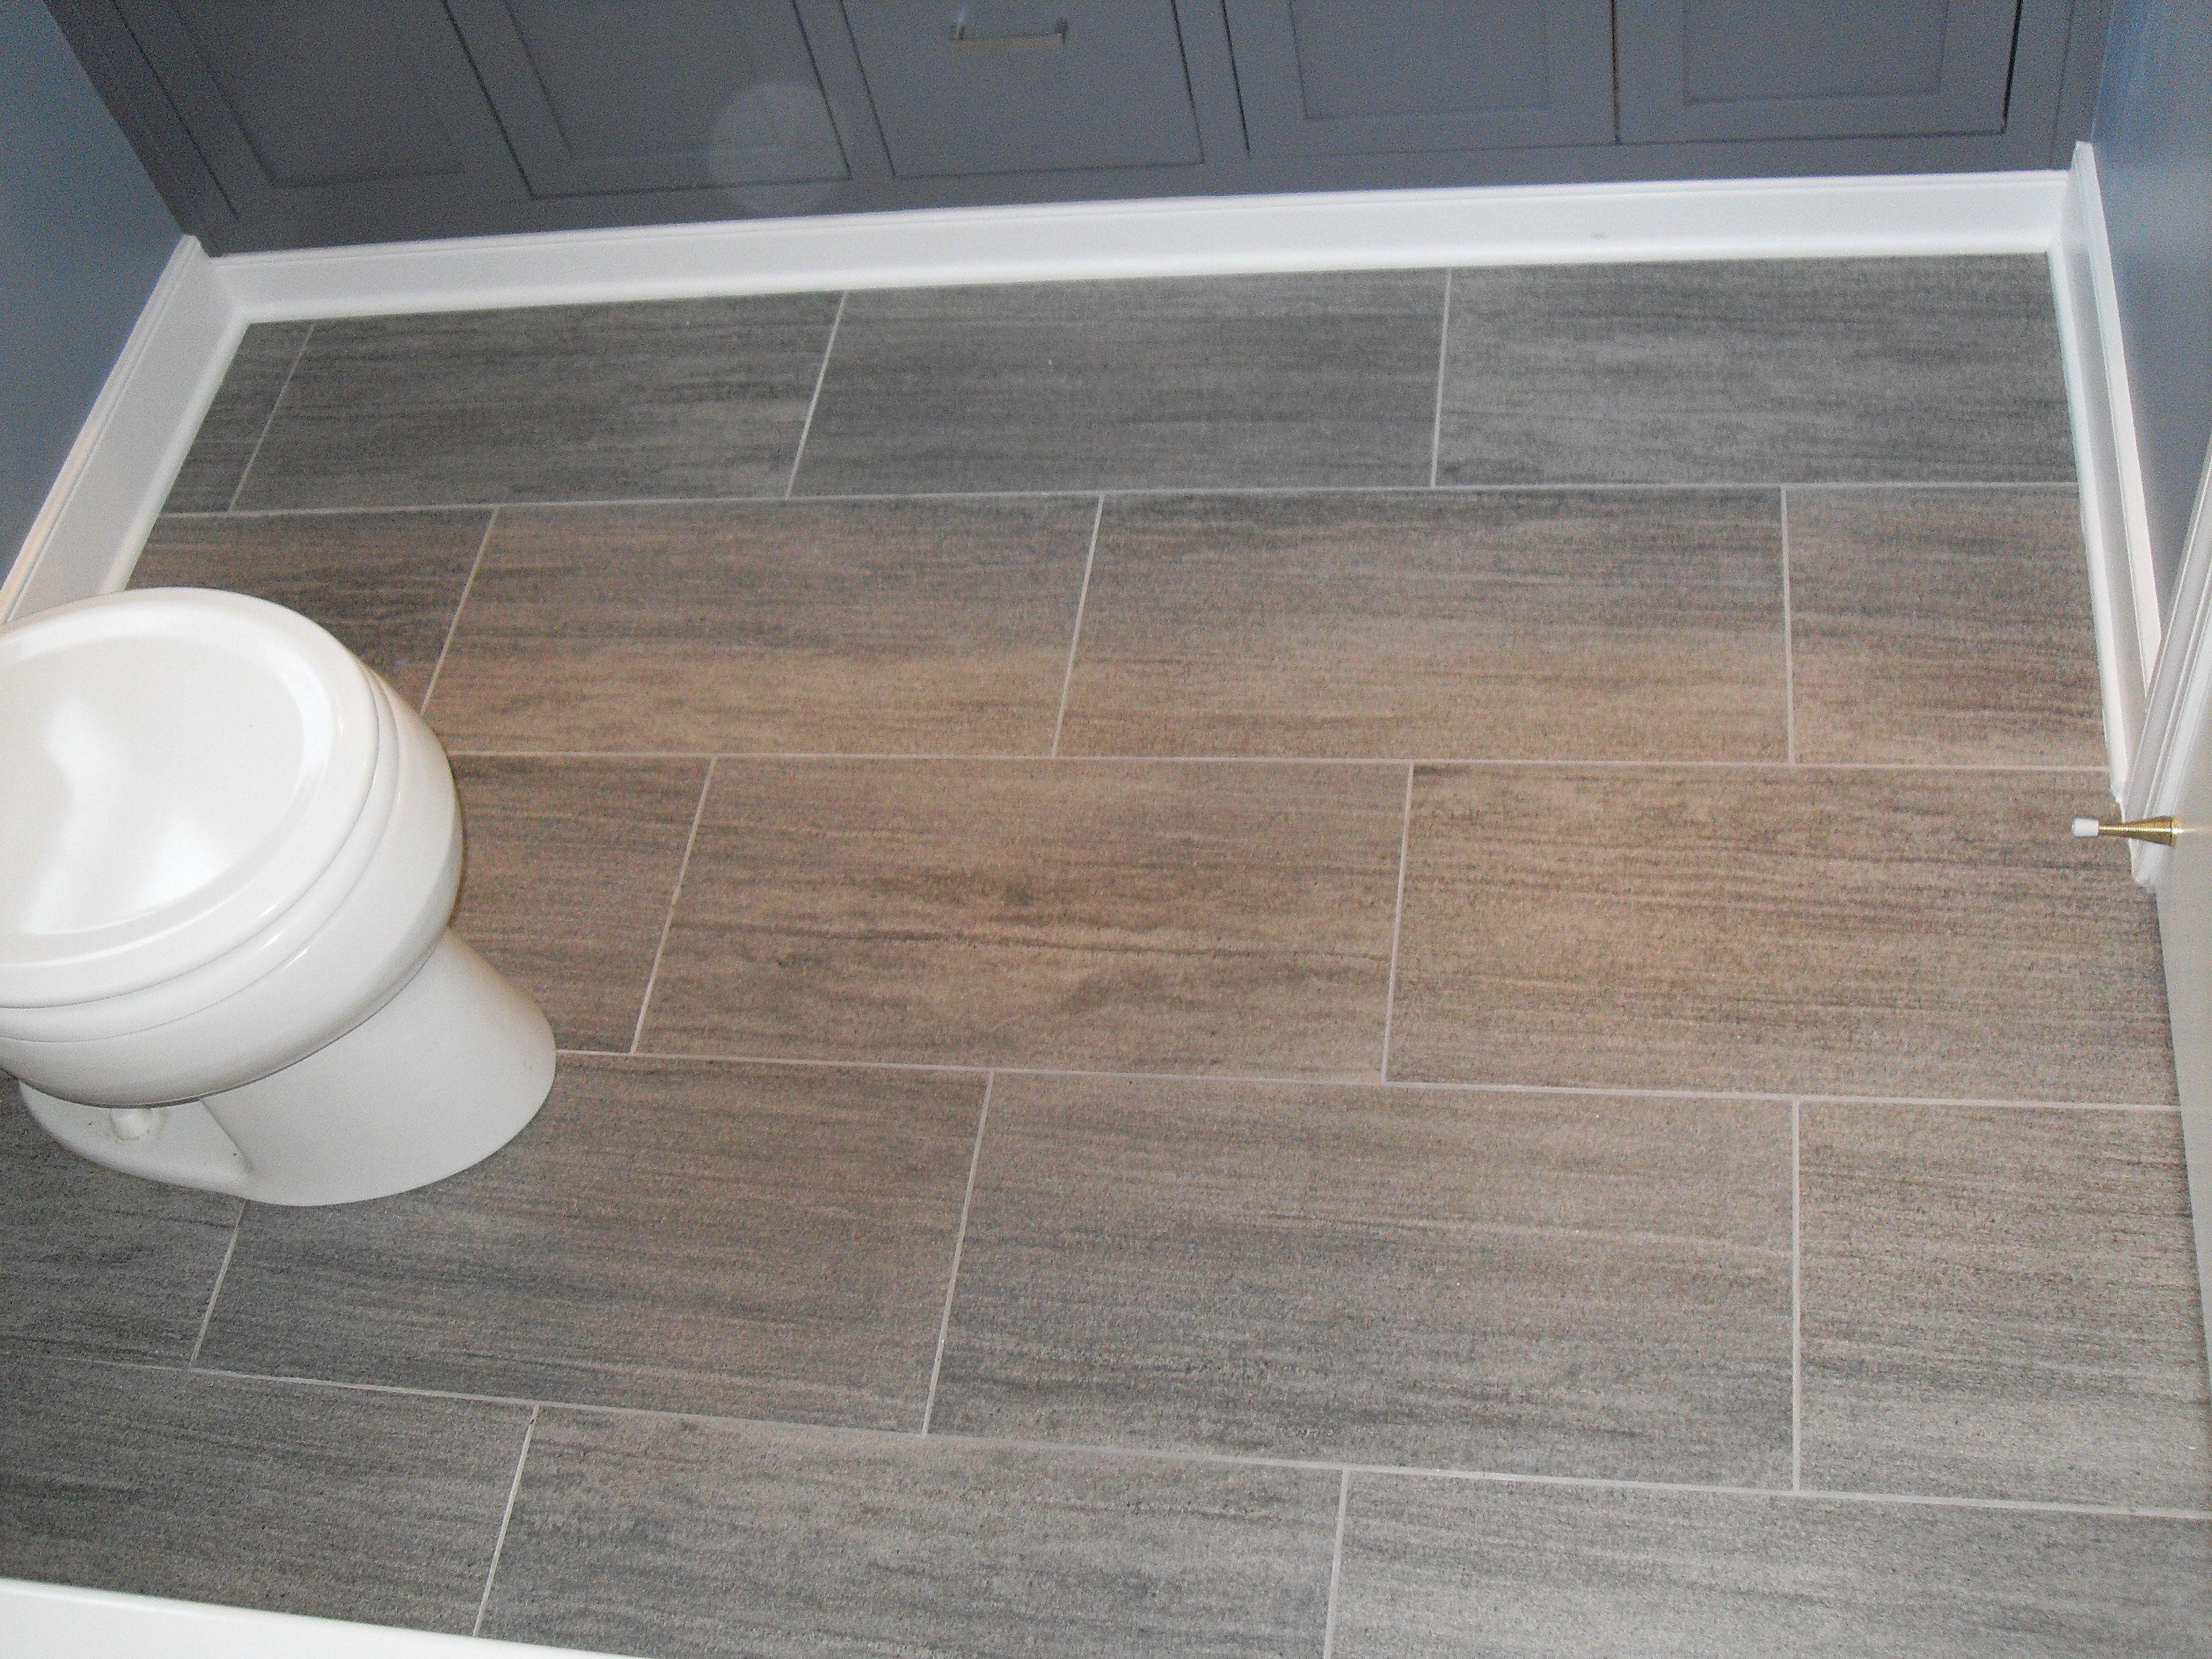 The bathroom floor tile ideas with grey porcelain floor